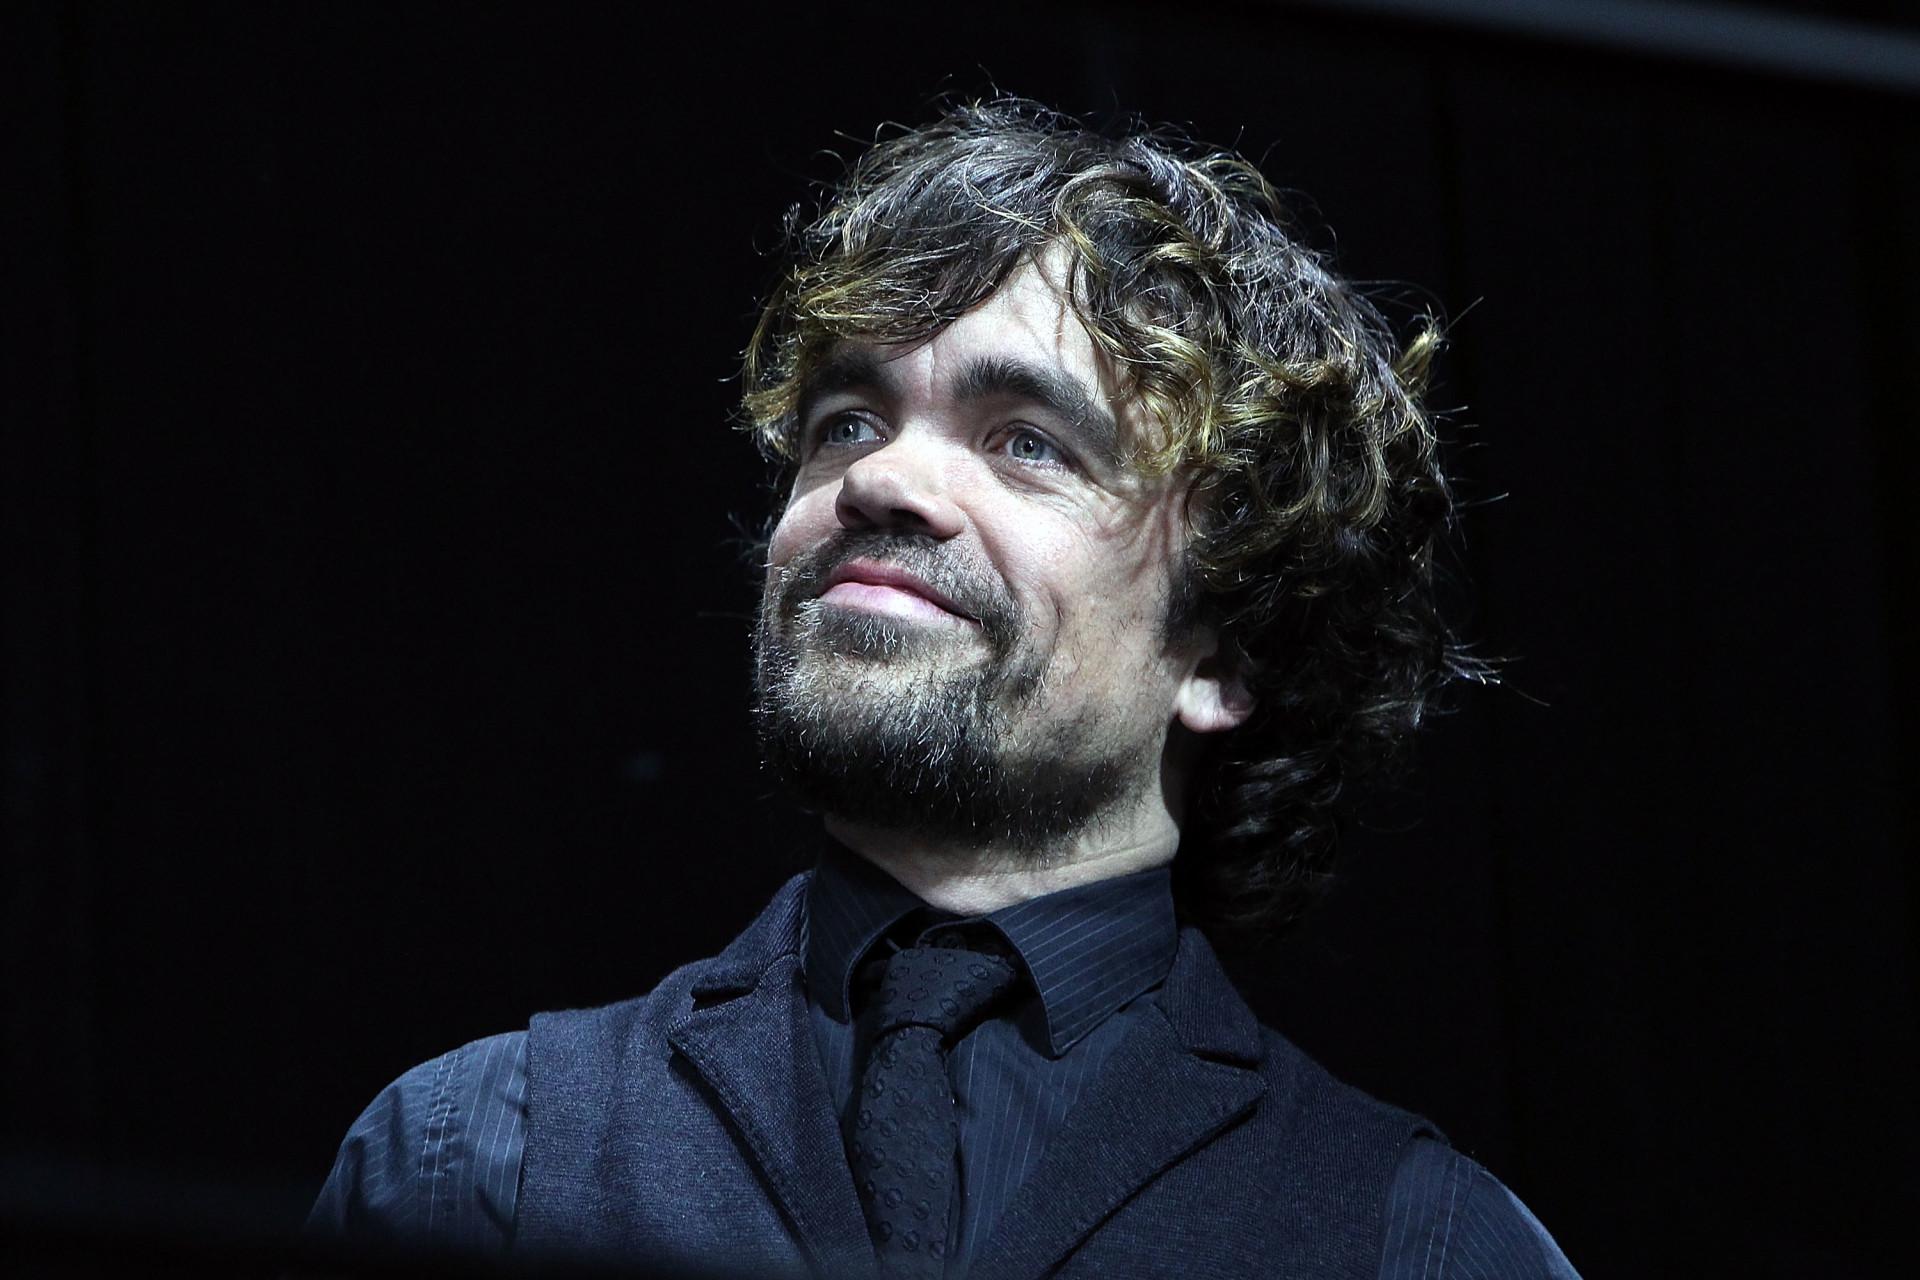 Além de 'Game of Thrones': o que fazem os atores da aclamada série?